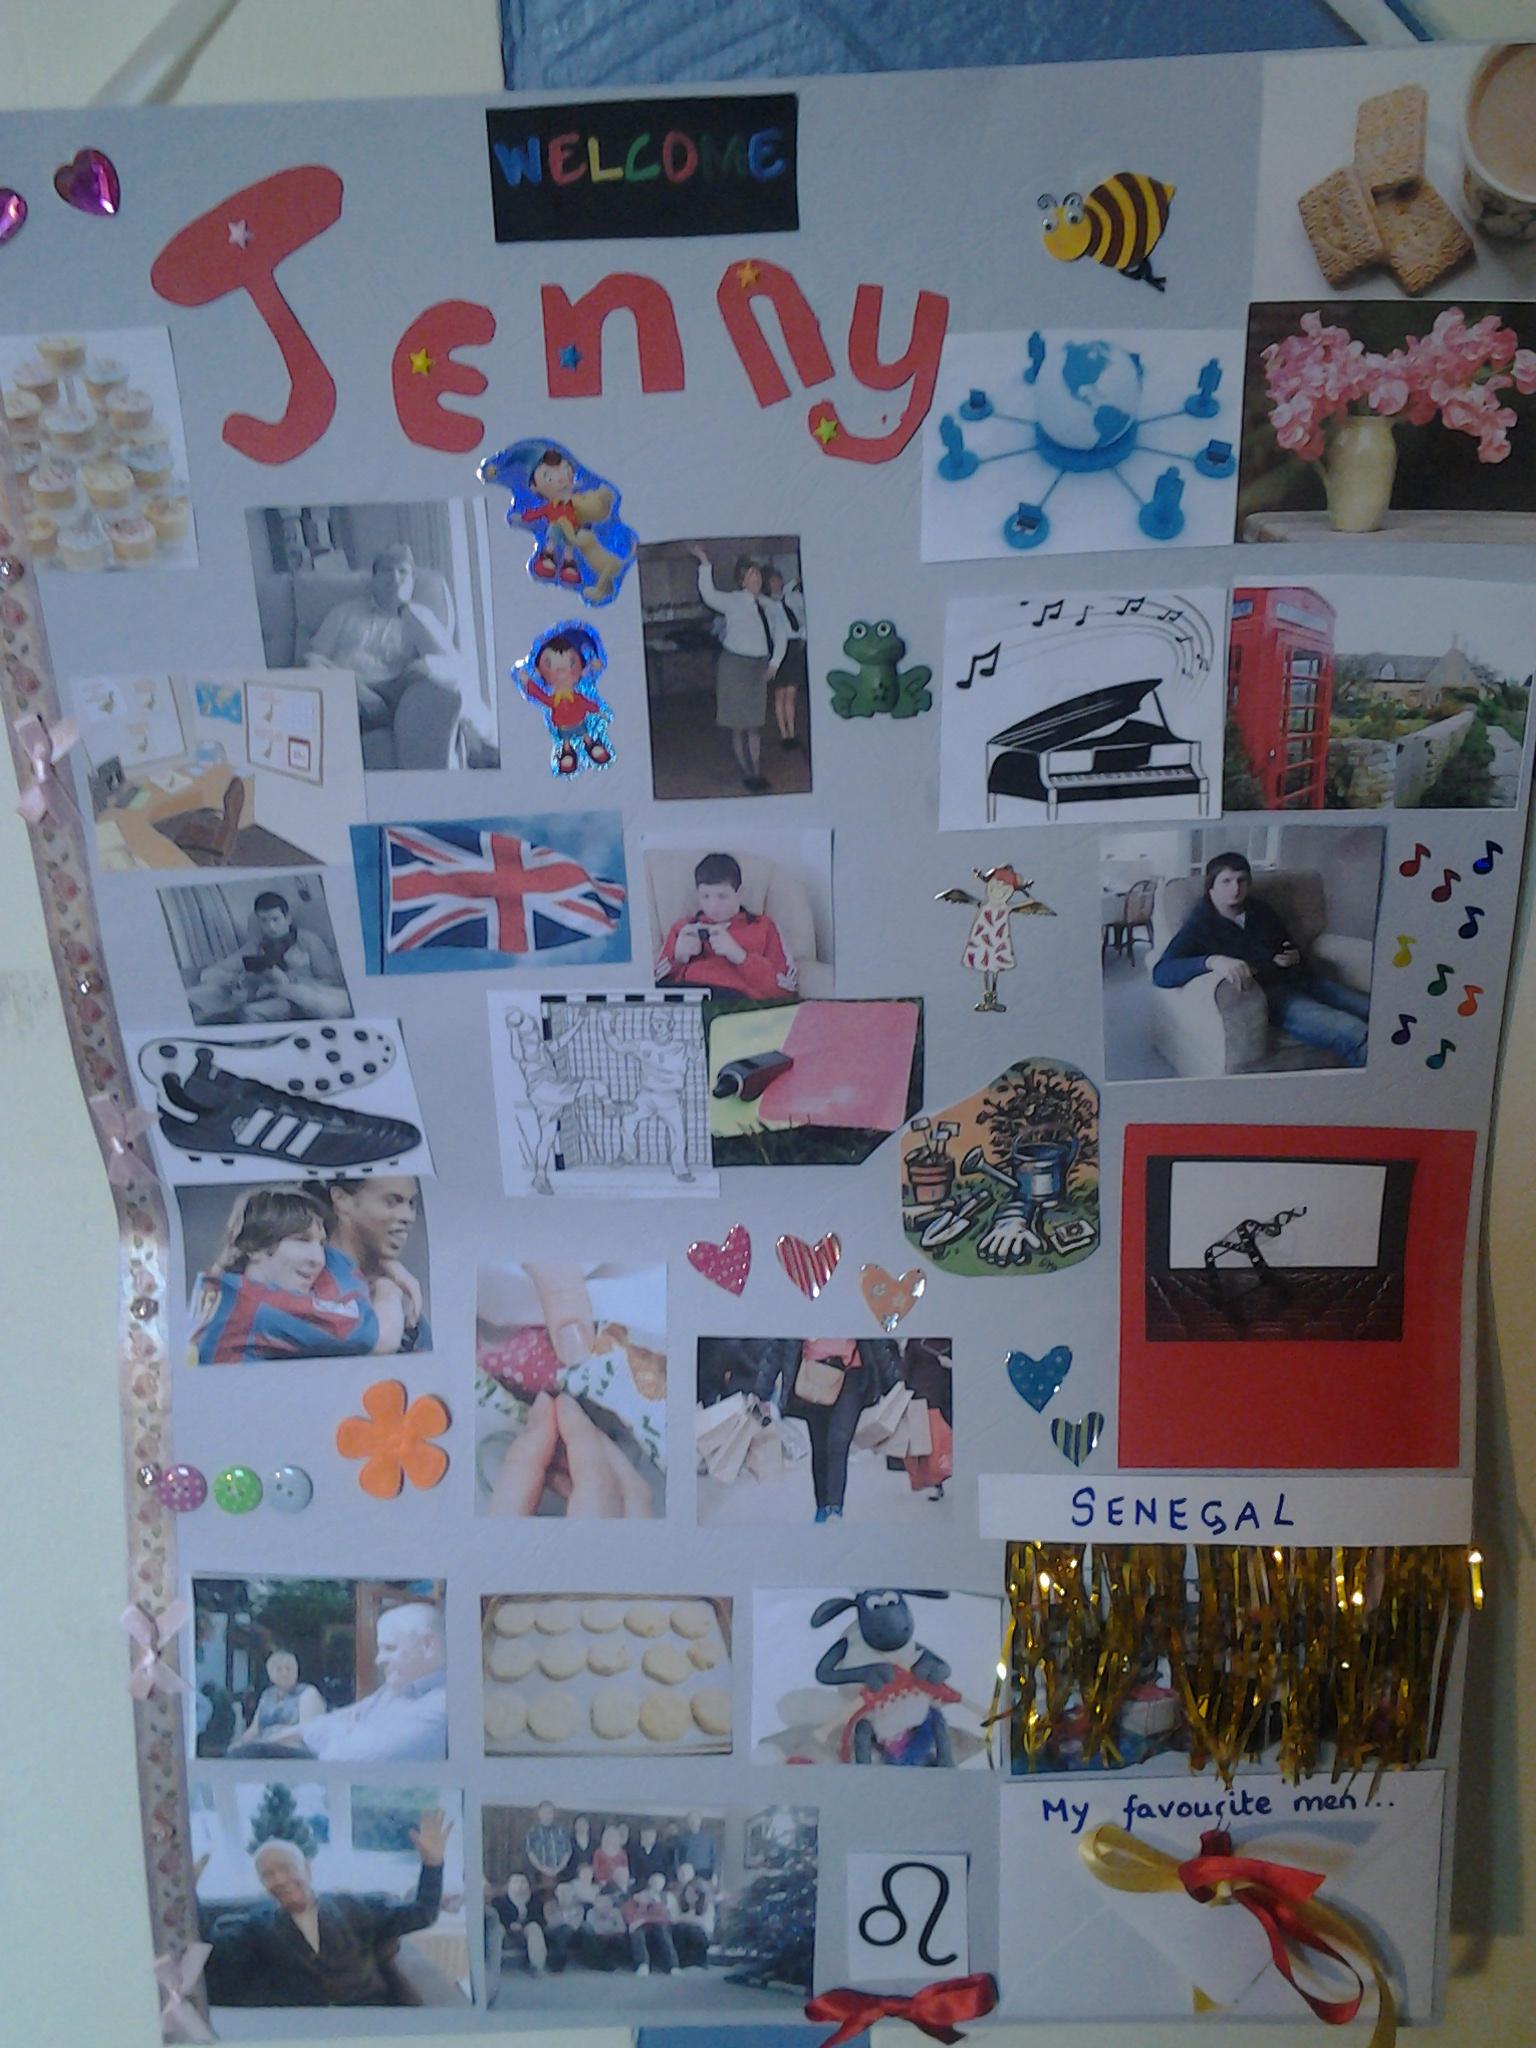 Me Posters The Big English Blog